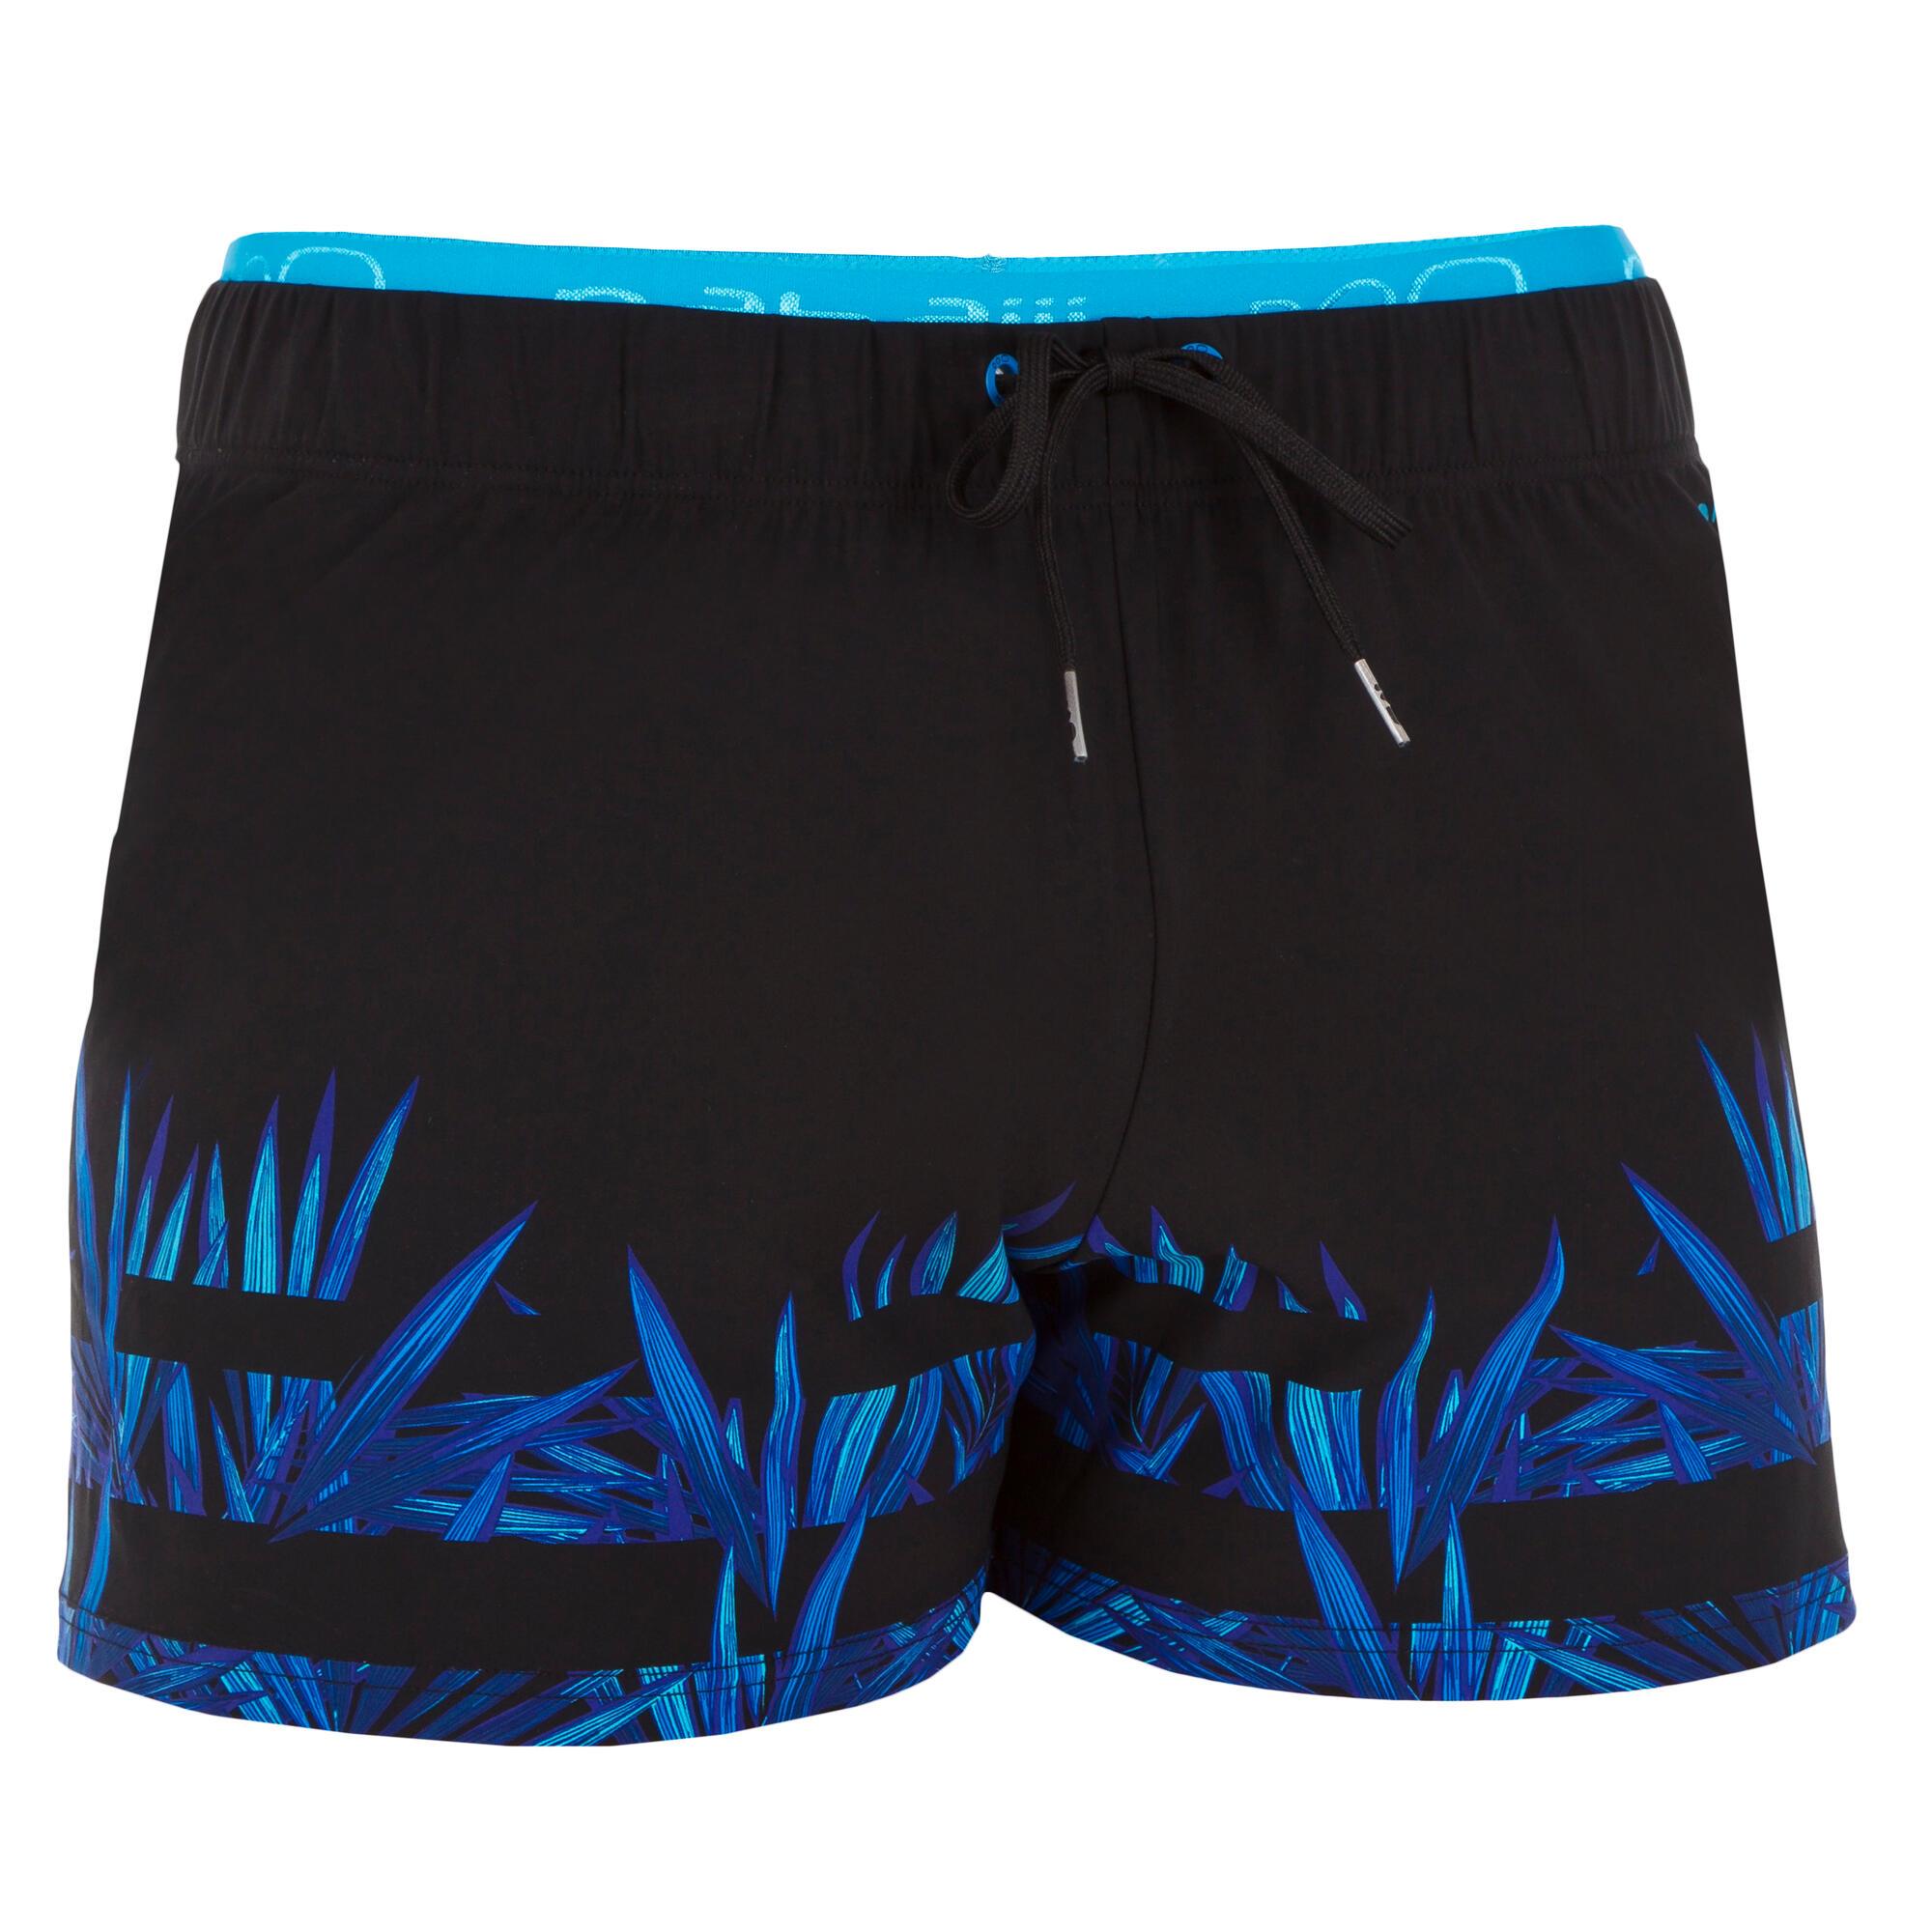 Maillot de bain homme swimshort 150 court opi noir bleu nabaiji - Maillot de bain piscine decathlon ...